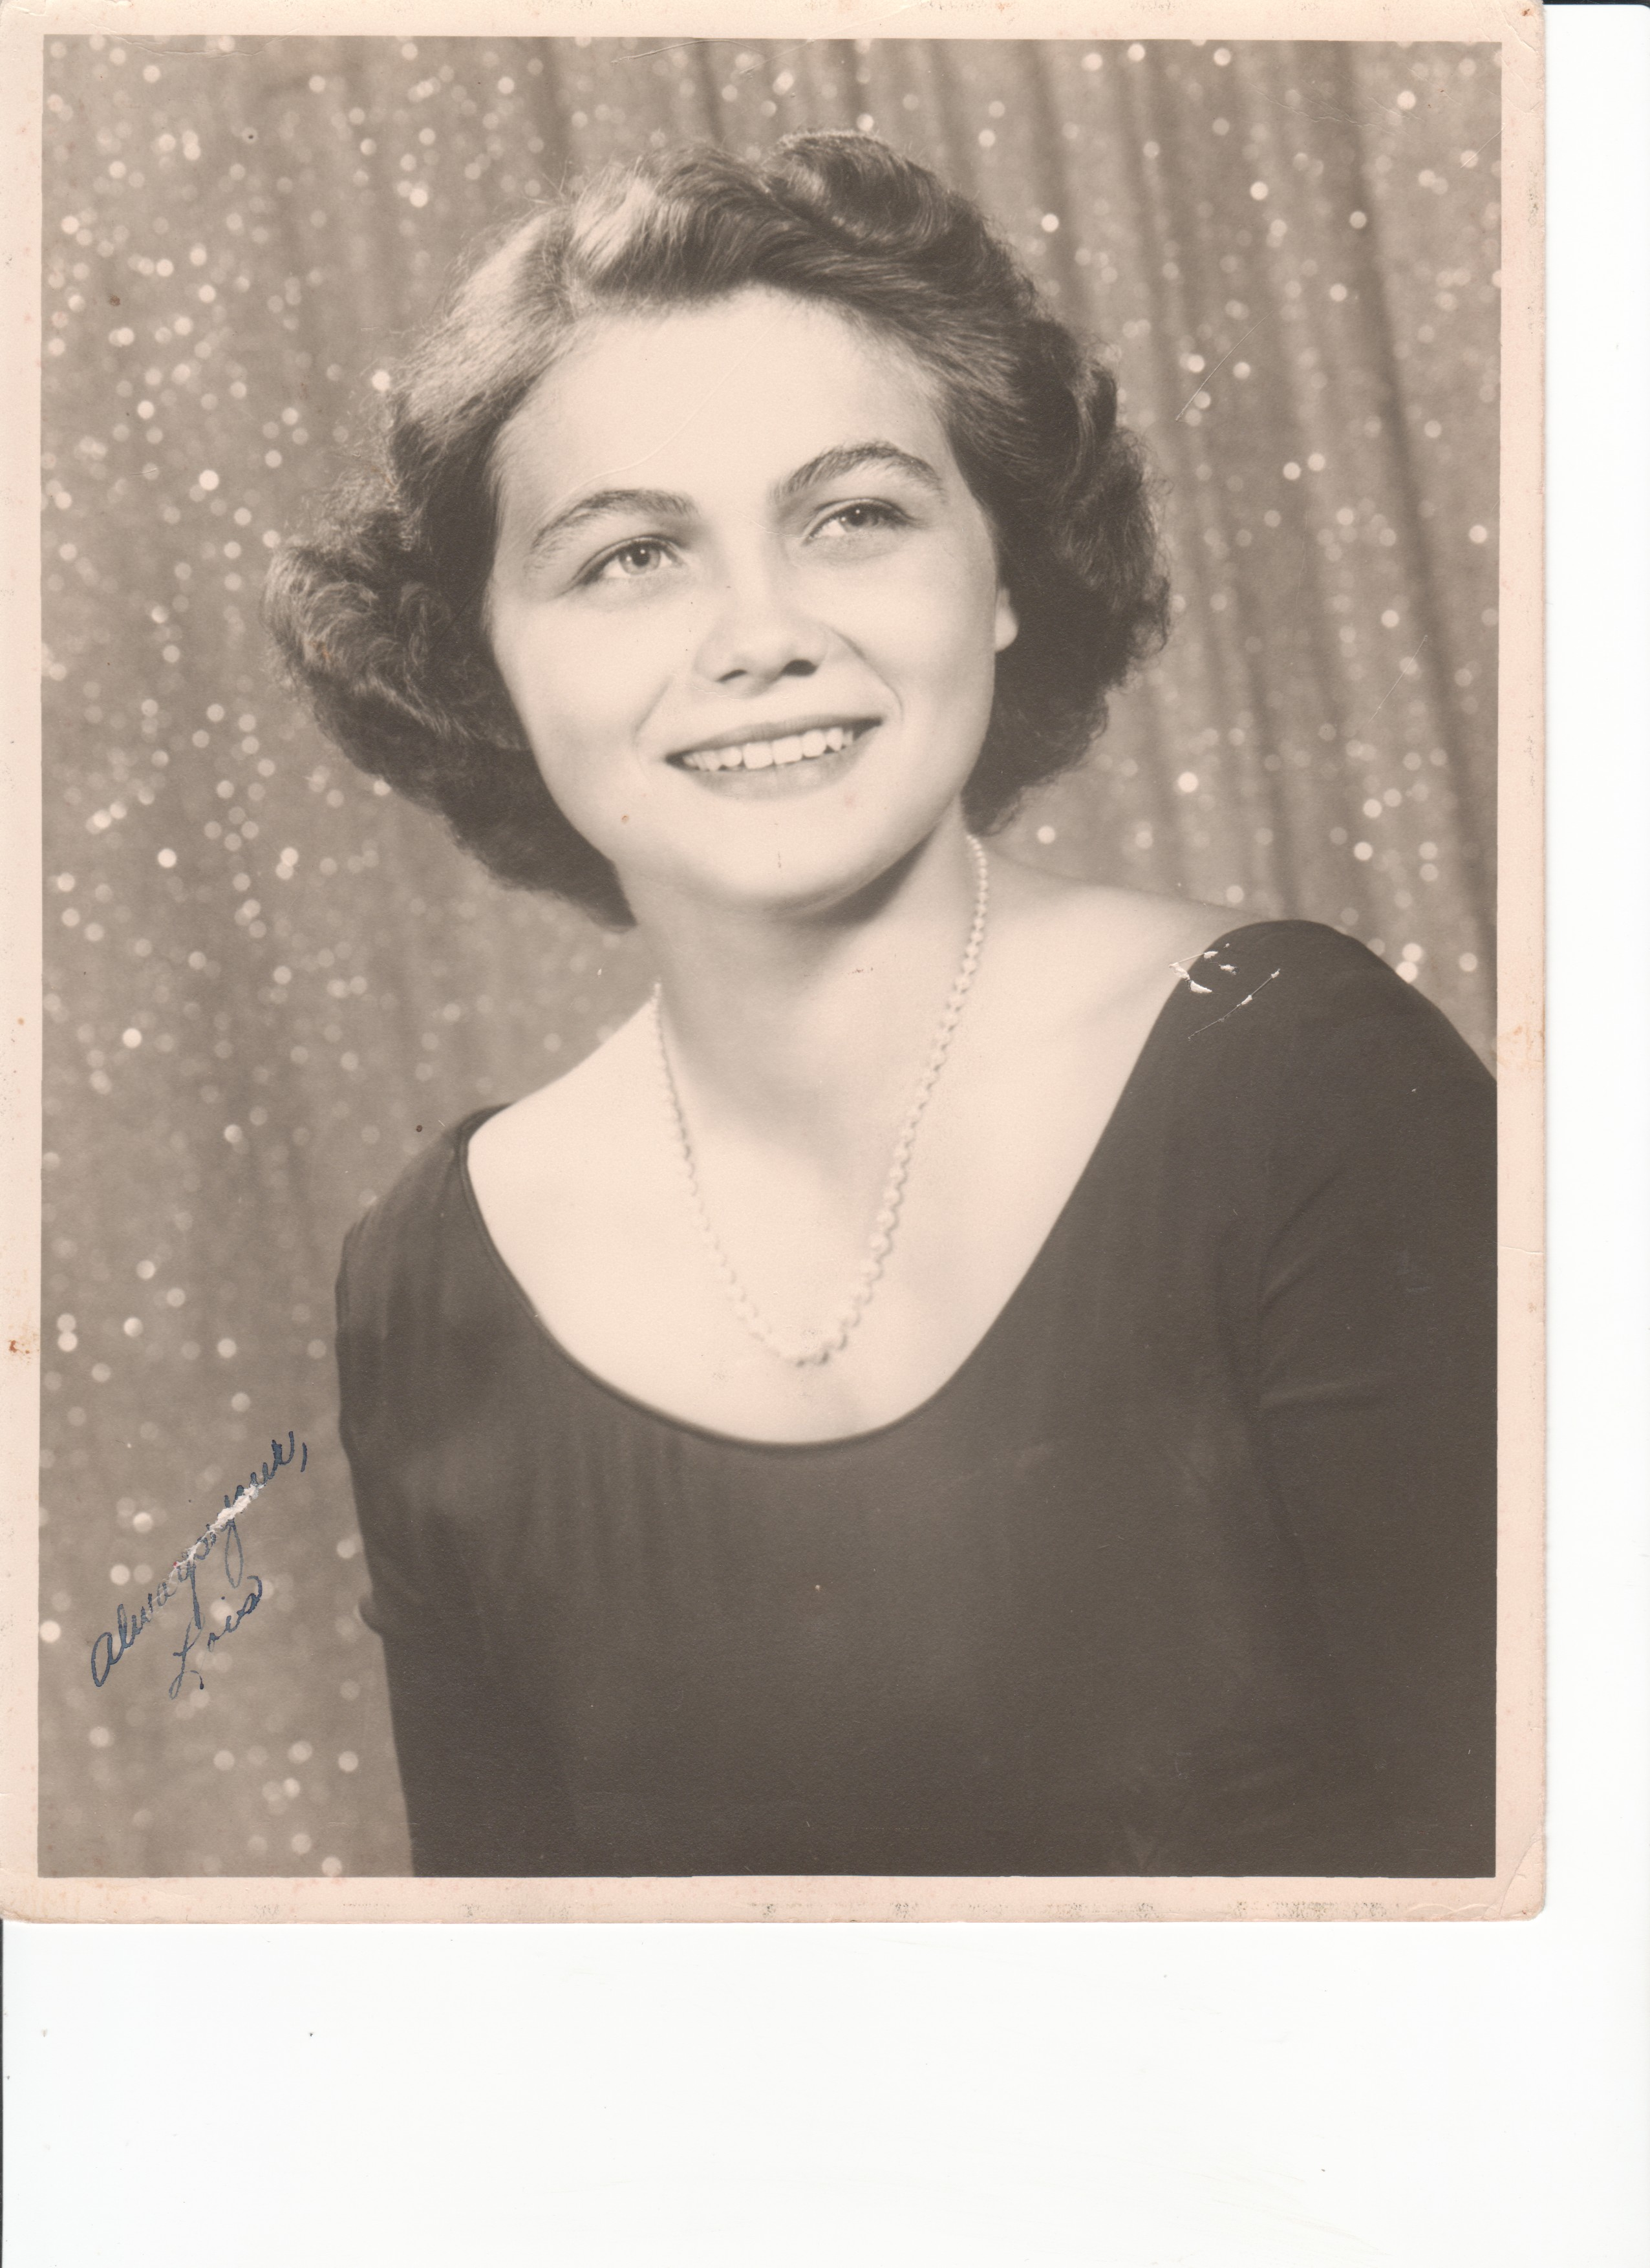 Lois. Ridgely